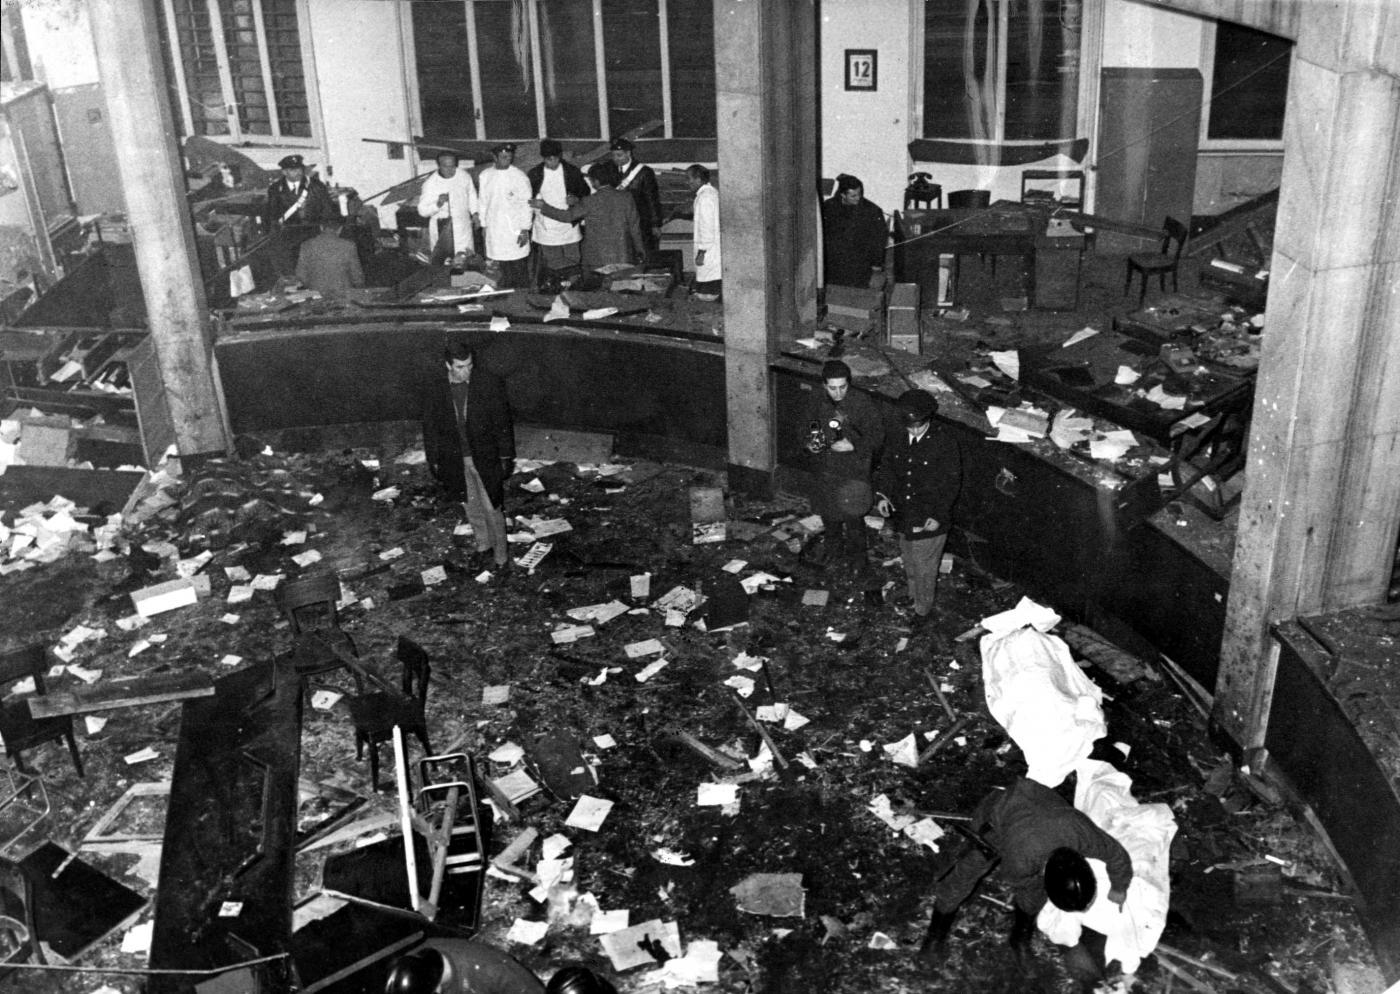 Strage di piazza fontana archiviata l ultima inchiesta - Pinelli una finestra sulla strage ...